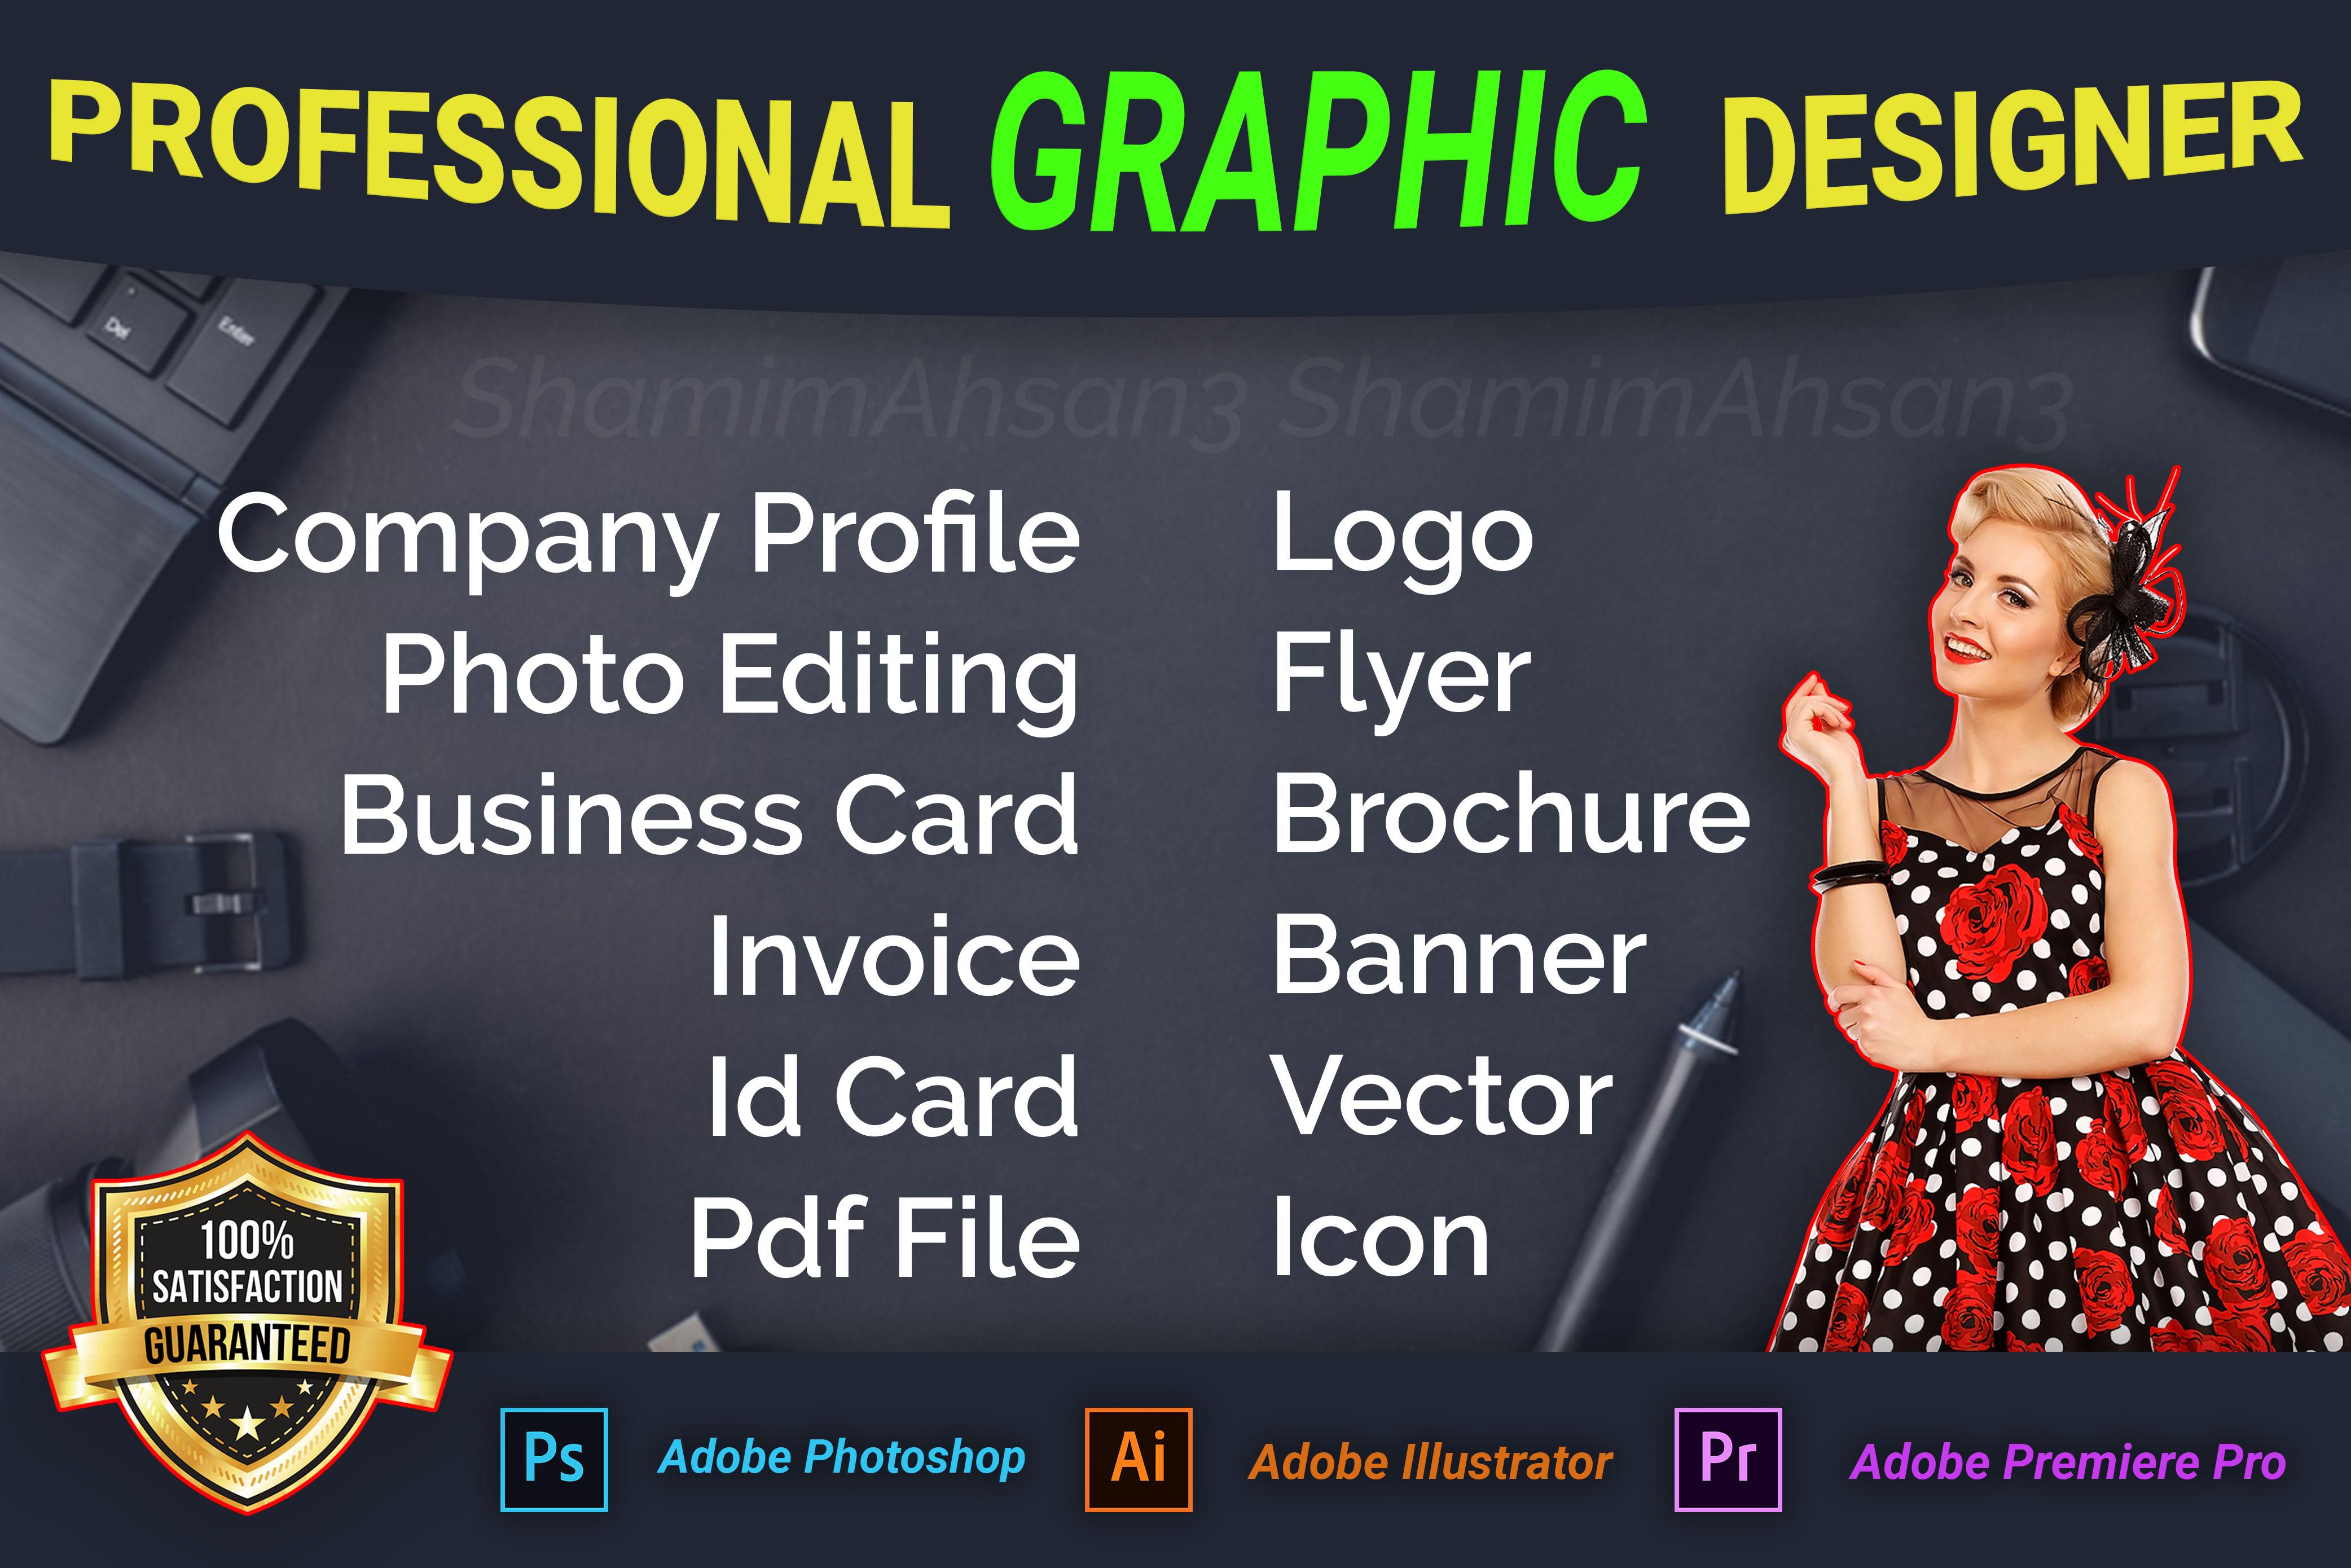 Graphic Designer hire now